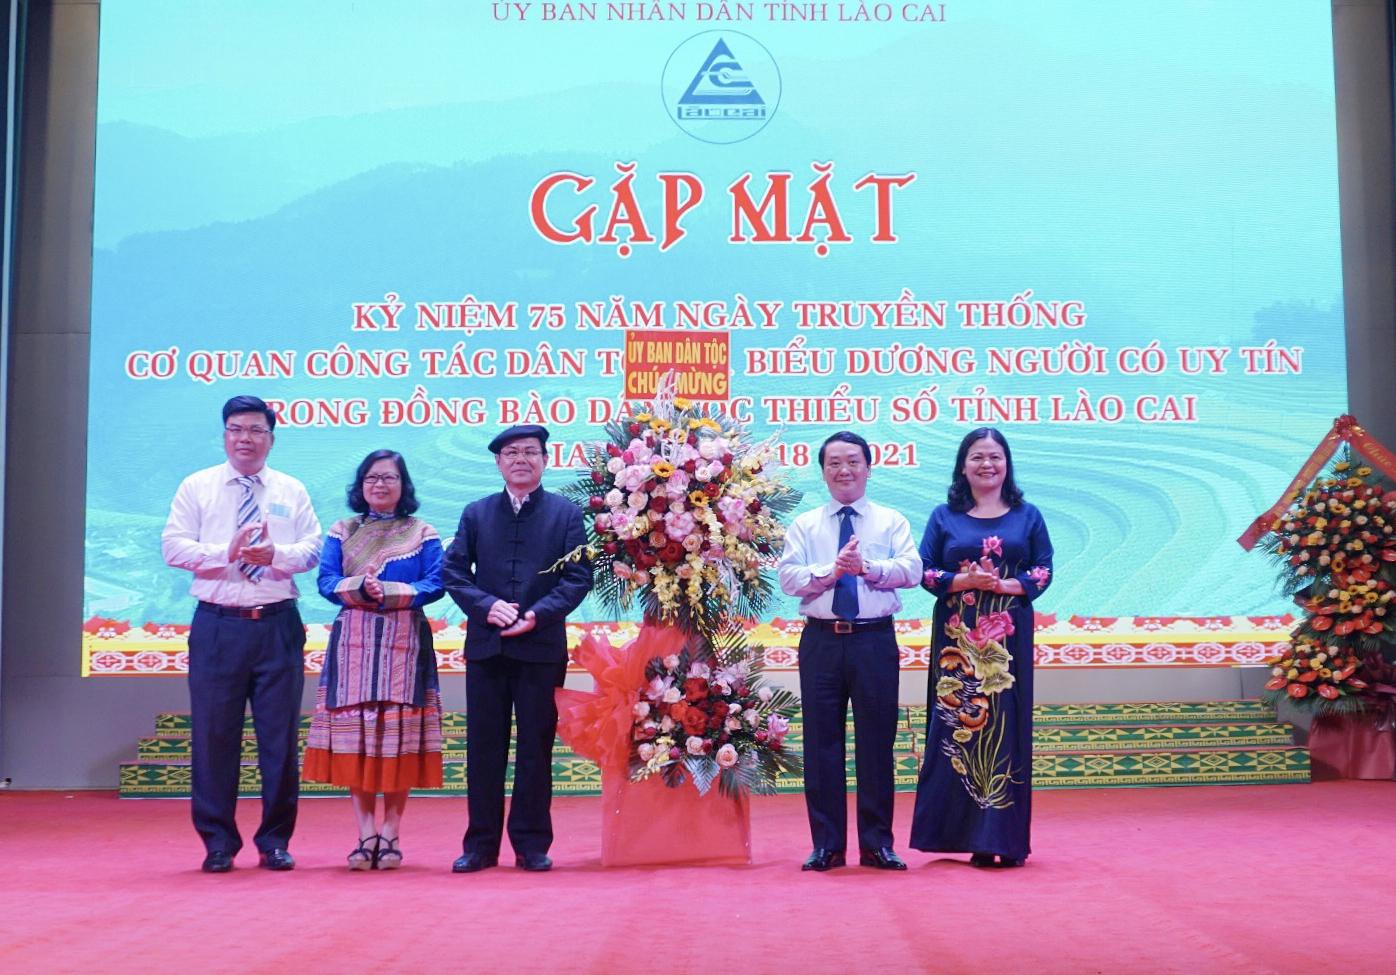 Bộ trưởng, Chủ nhiệm Hầu A Lềnh tặng hoa cho Ban Dân tộc tỉnh Lào Cai nhân dịp kỷ niệm 75 năm Ngày truyền thống cơ quan công tác dân tộc